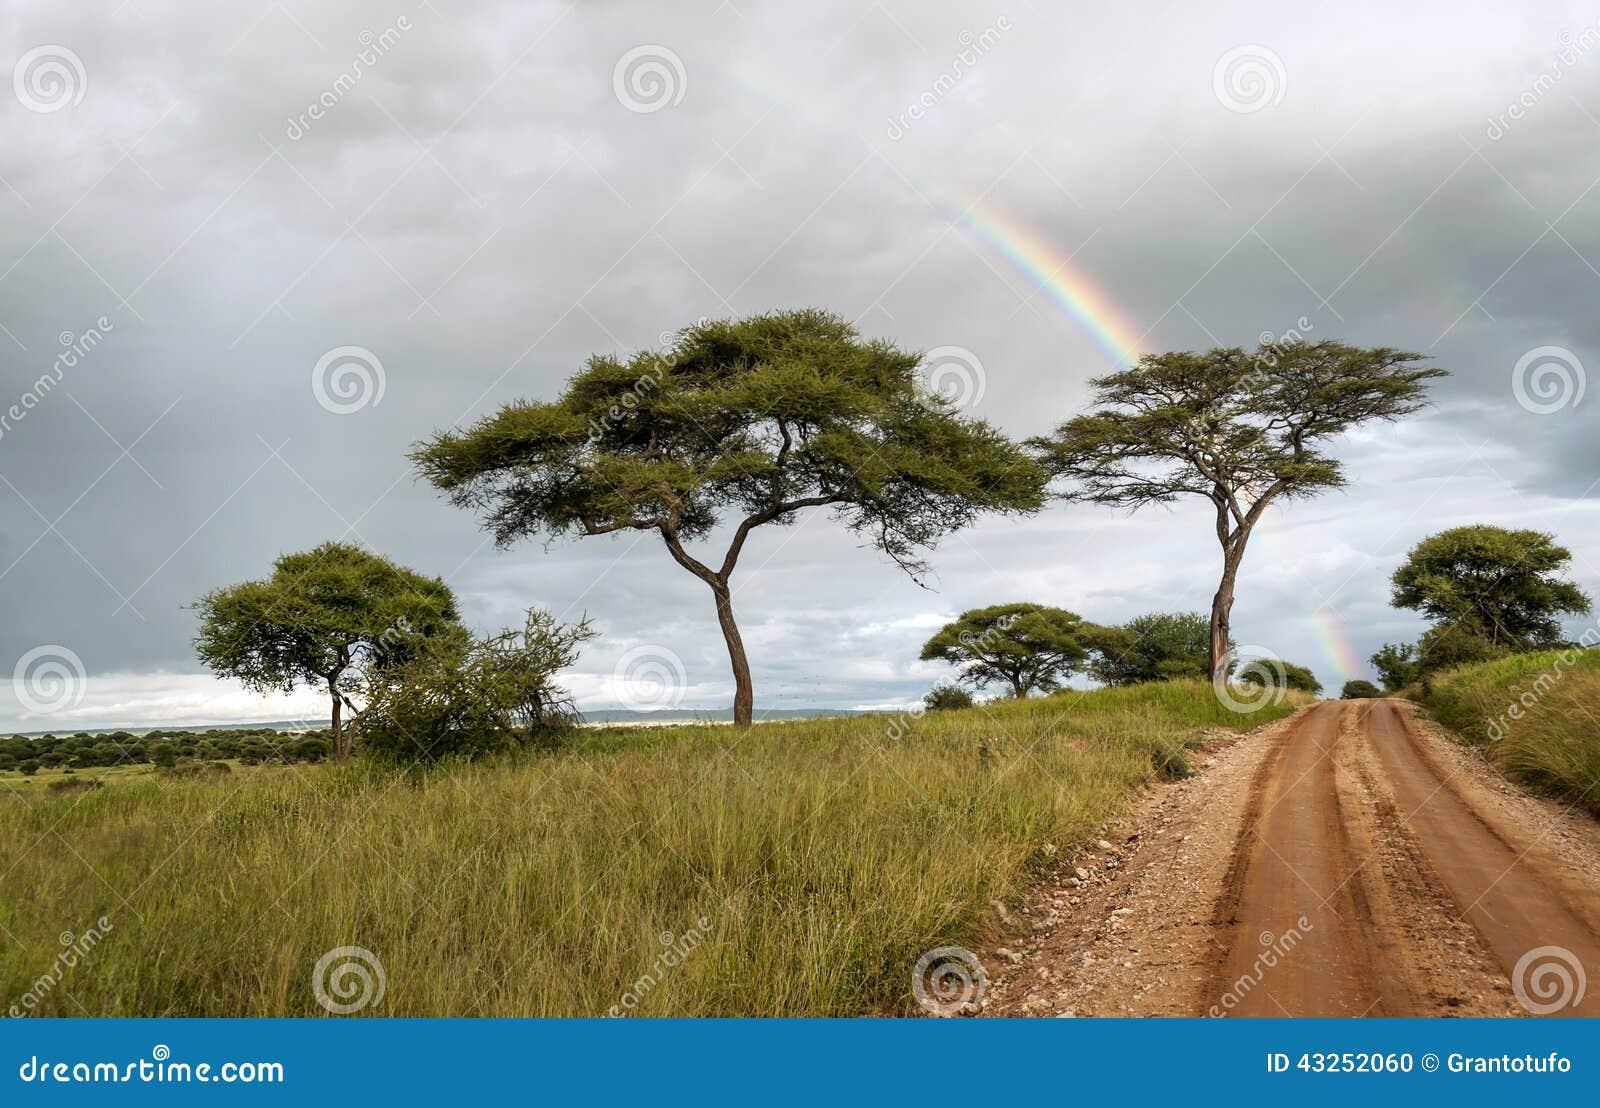 Árvores da acácia com arco-íris